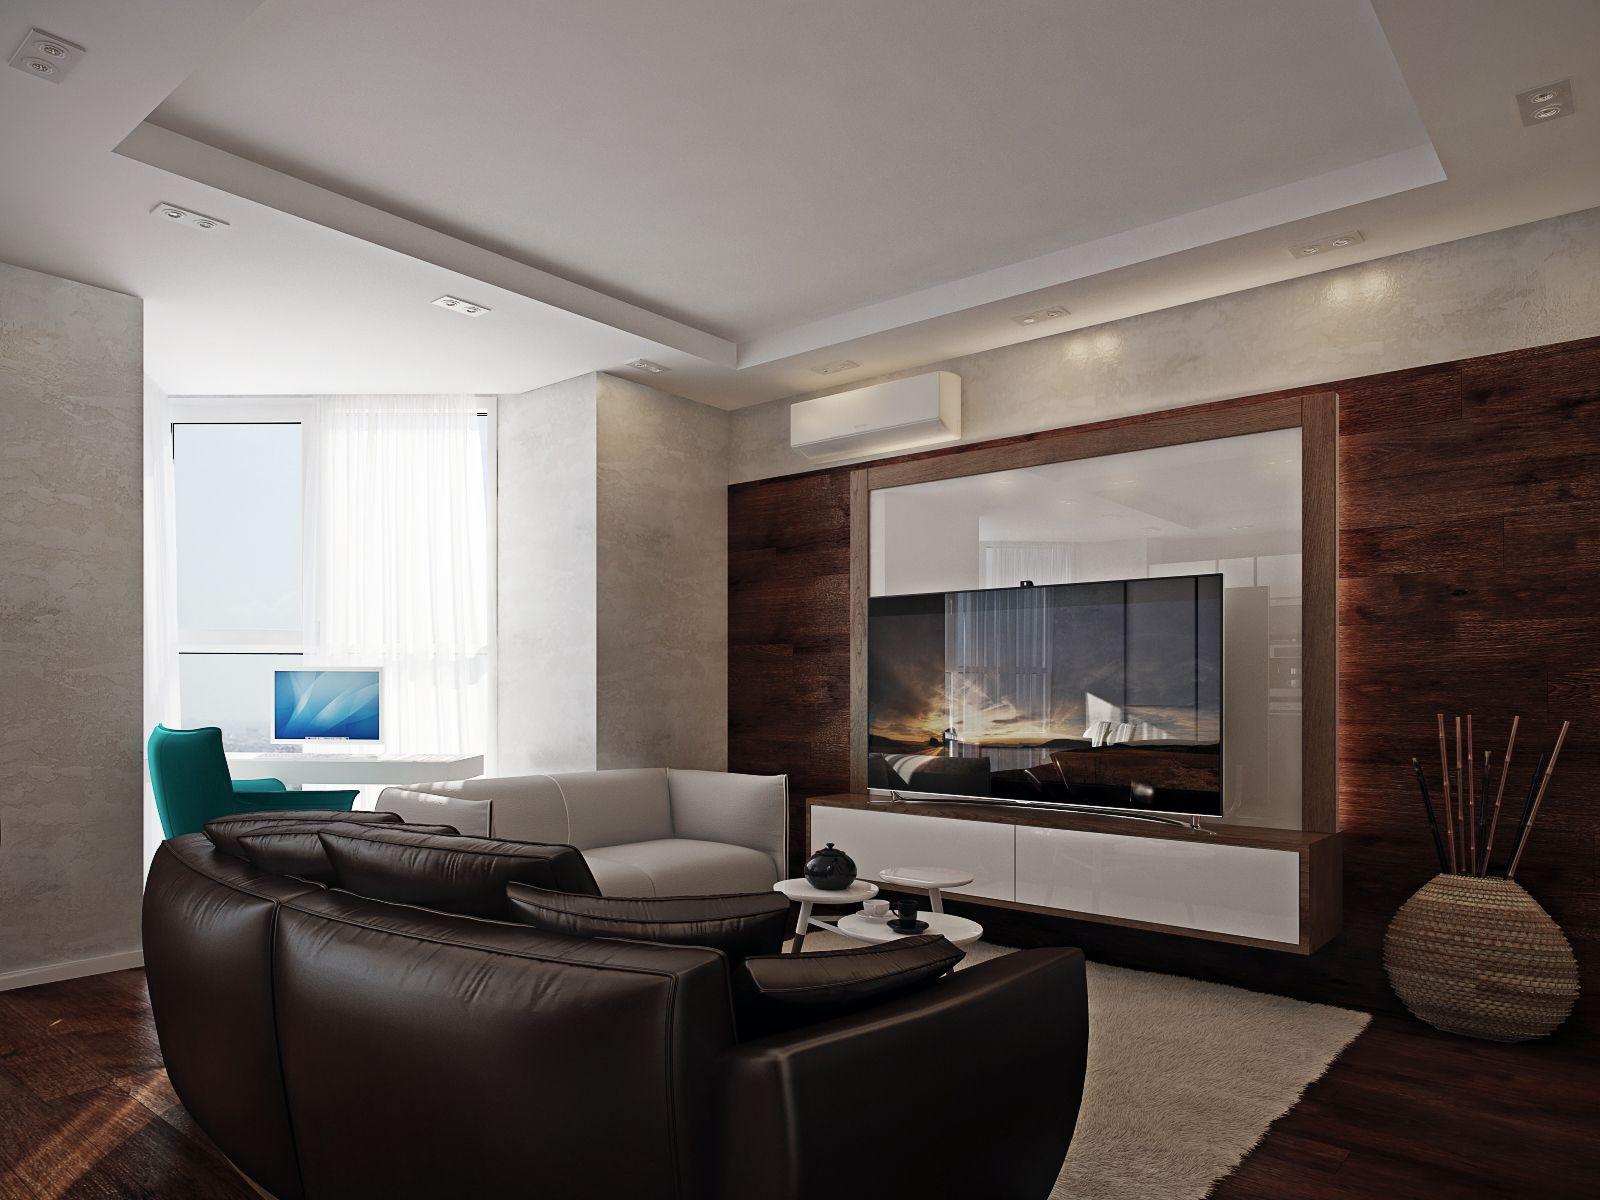 Фото Дизайн интерьера жилих и комерческих помещений 2